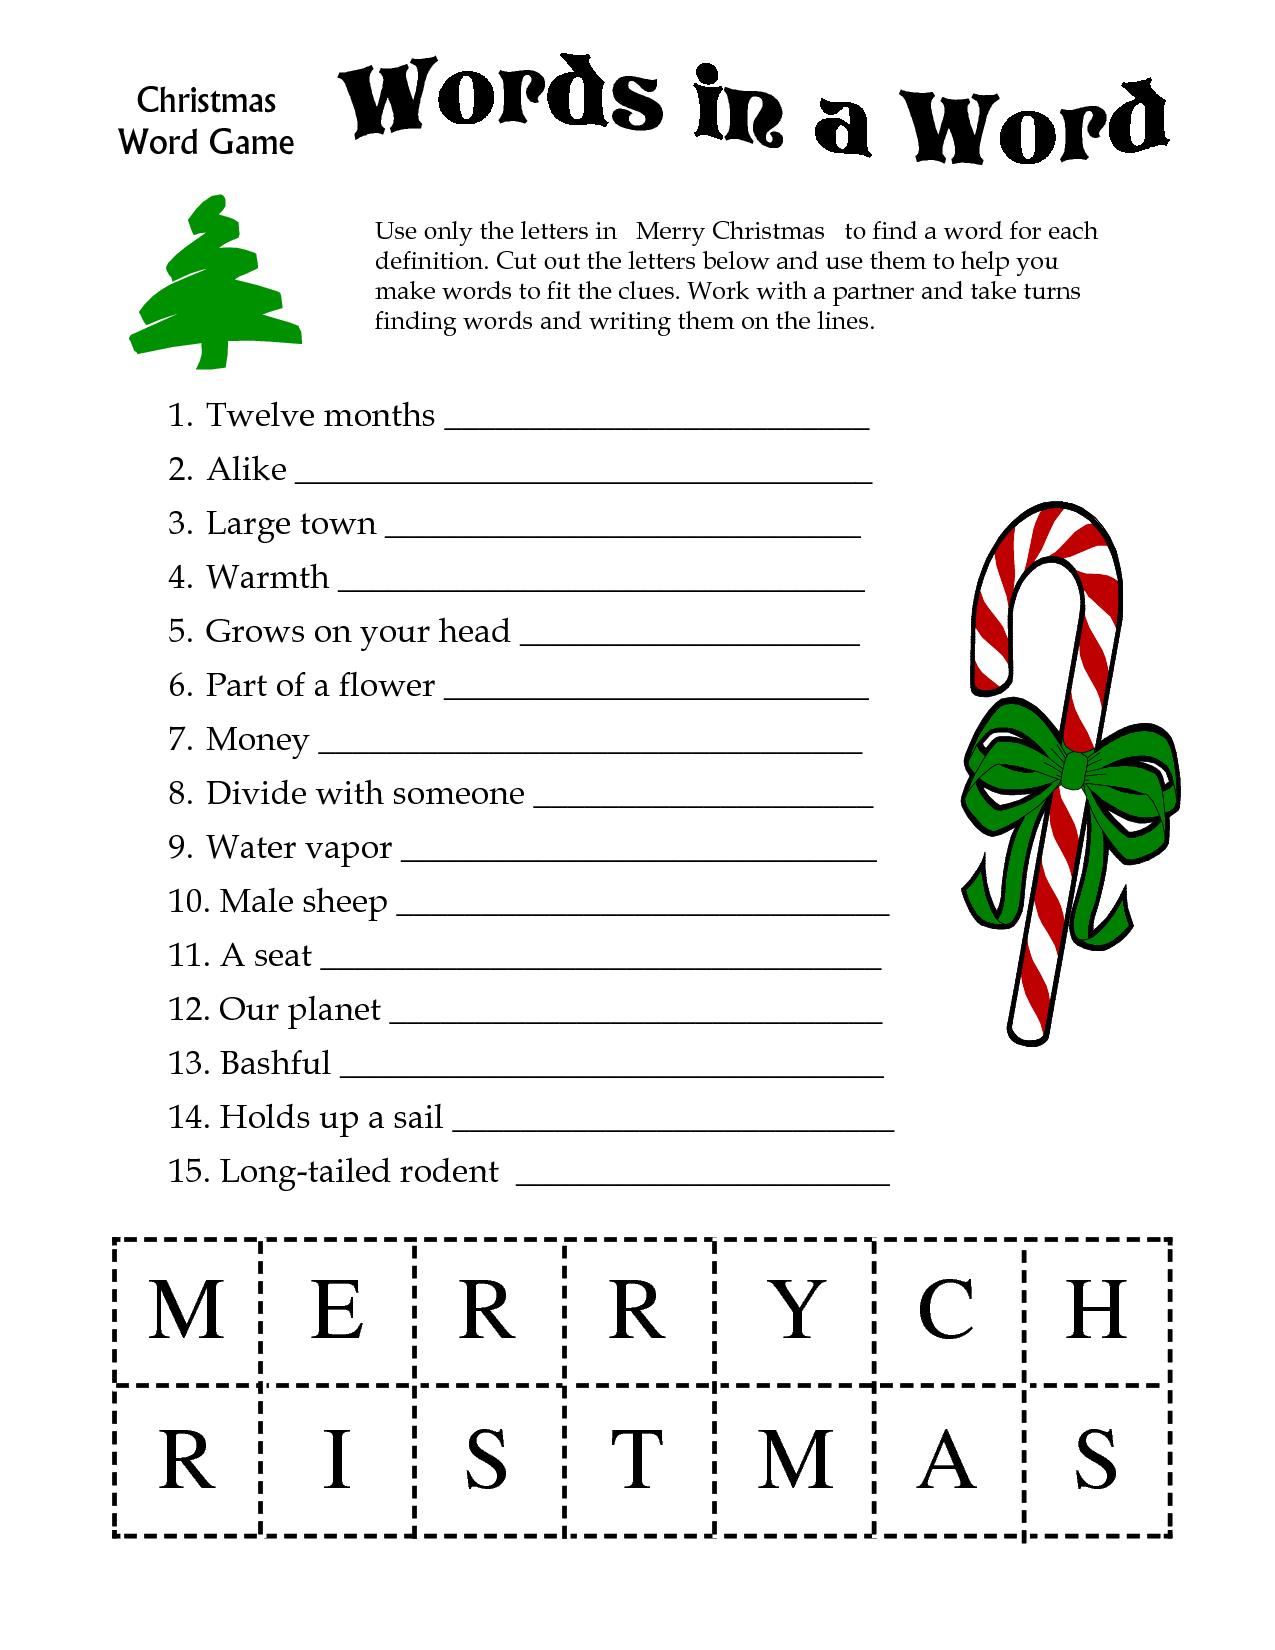 Free Printable Christian Christmas Games – Festival Collections - Christian Christmas Games Free Printable